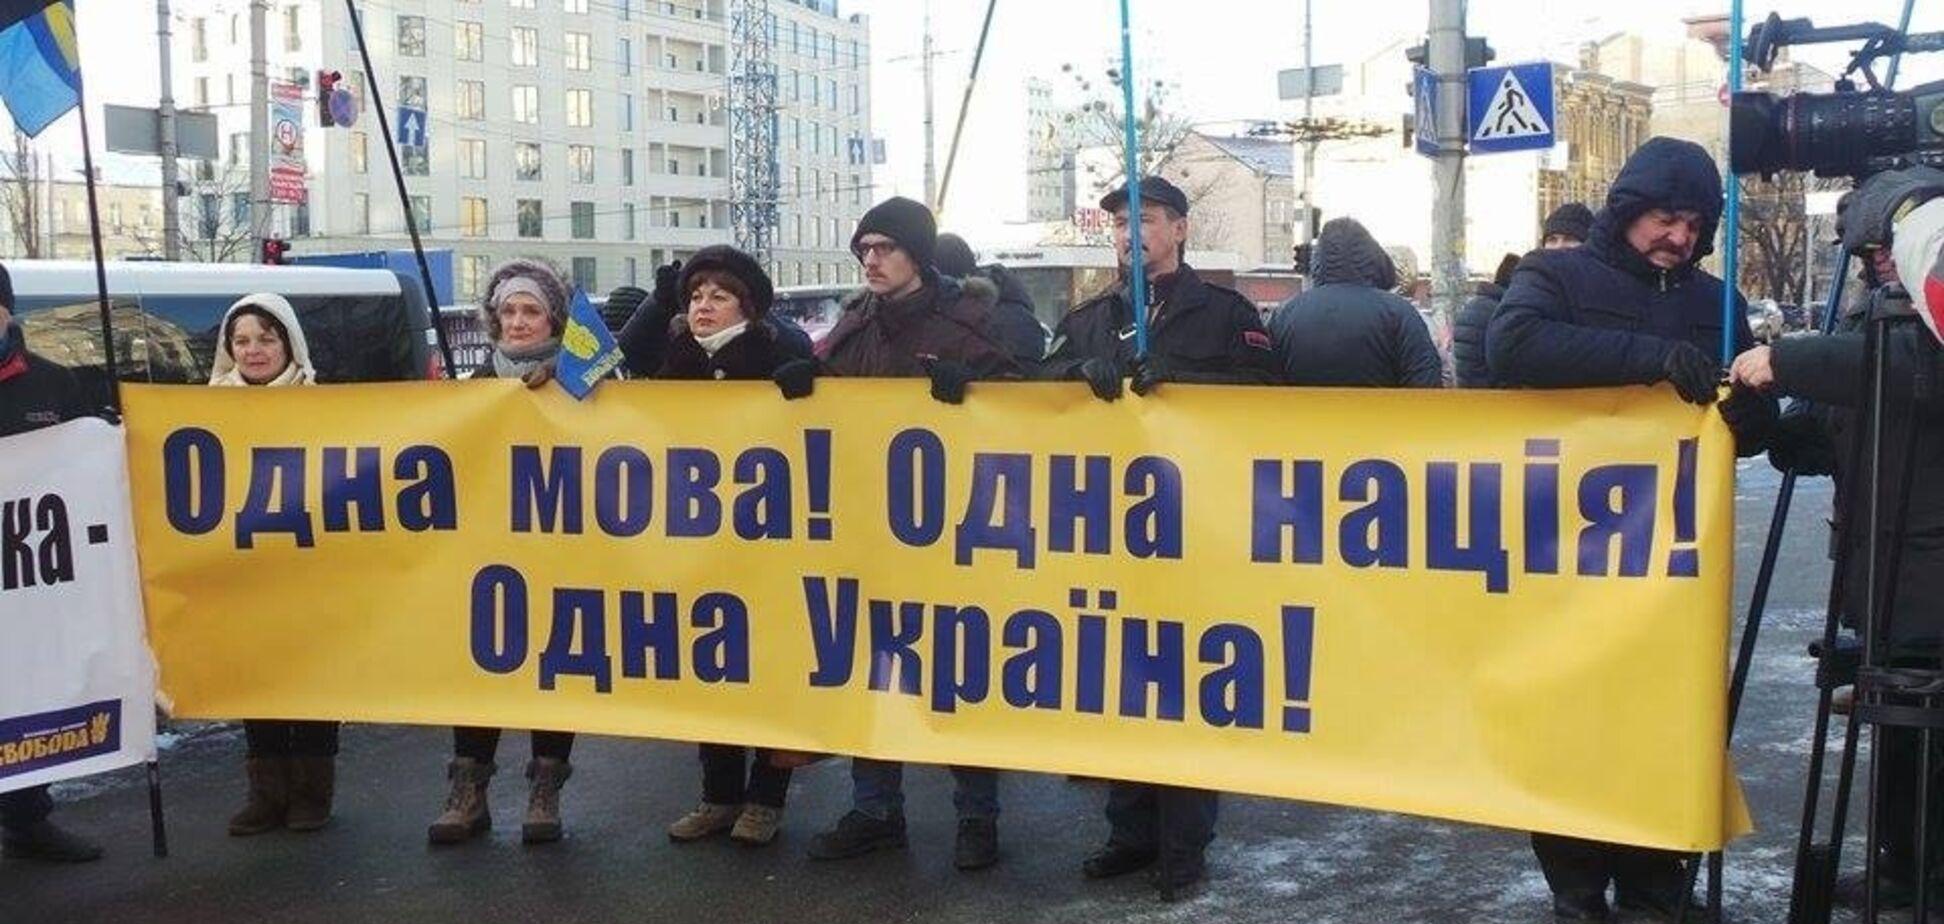 ''Гангрену потрібно вирізати'': Ніцой розгромила противників українізації